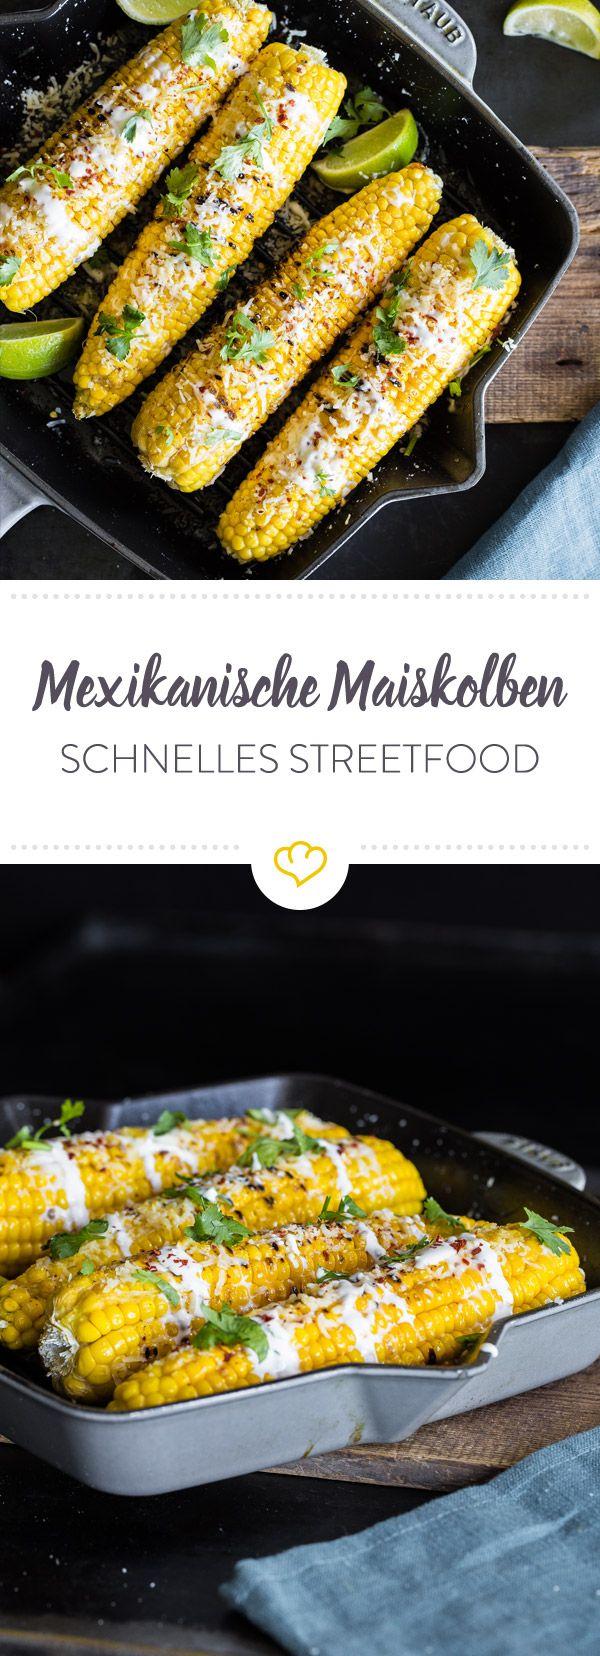 Gegrillt, getunkt und mit Käse und Chiliflocken berieselt - diese Maiskolben haben sich in schlappen 15 Minuten in mexikanisches Streetfood verwandelt.